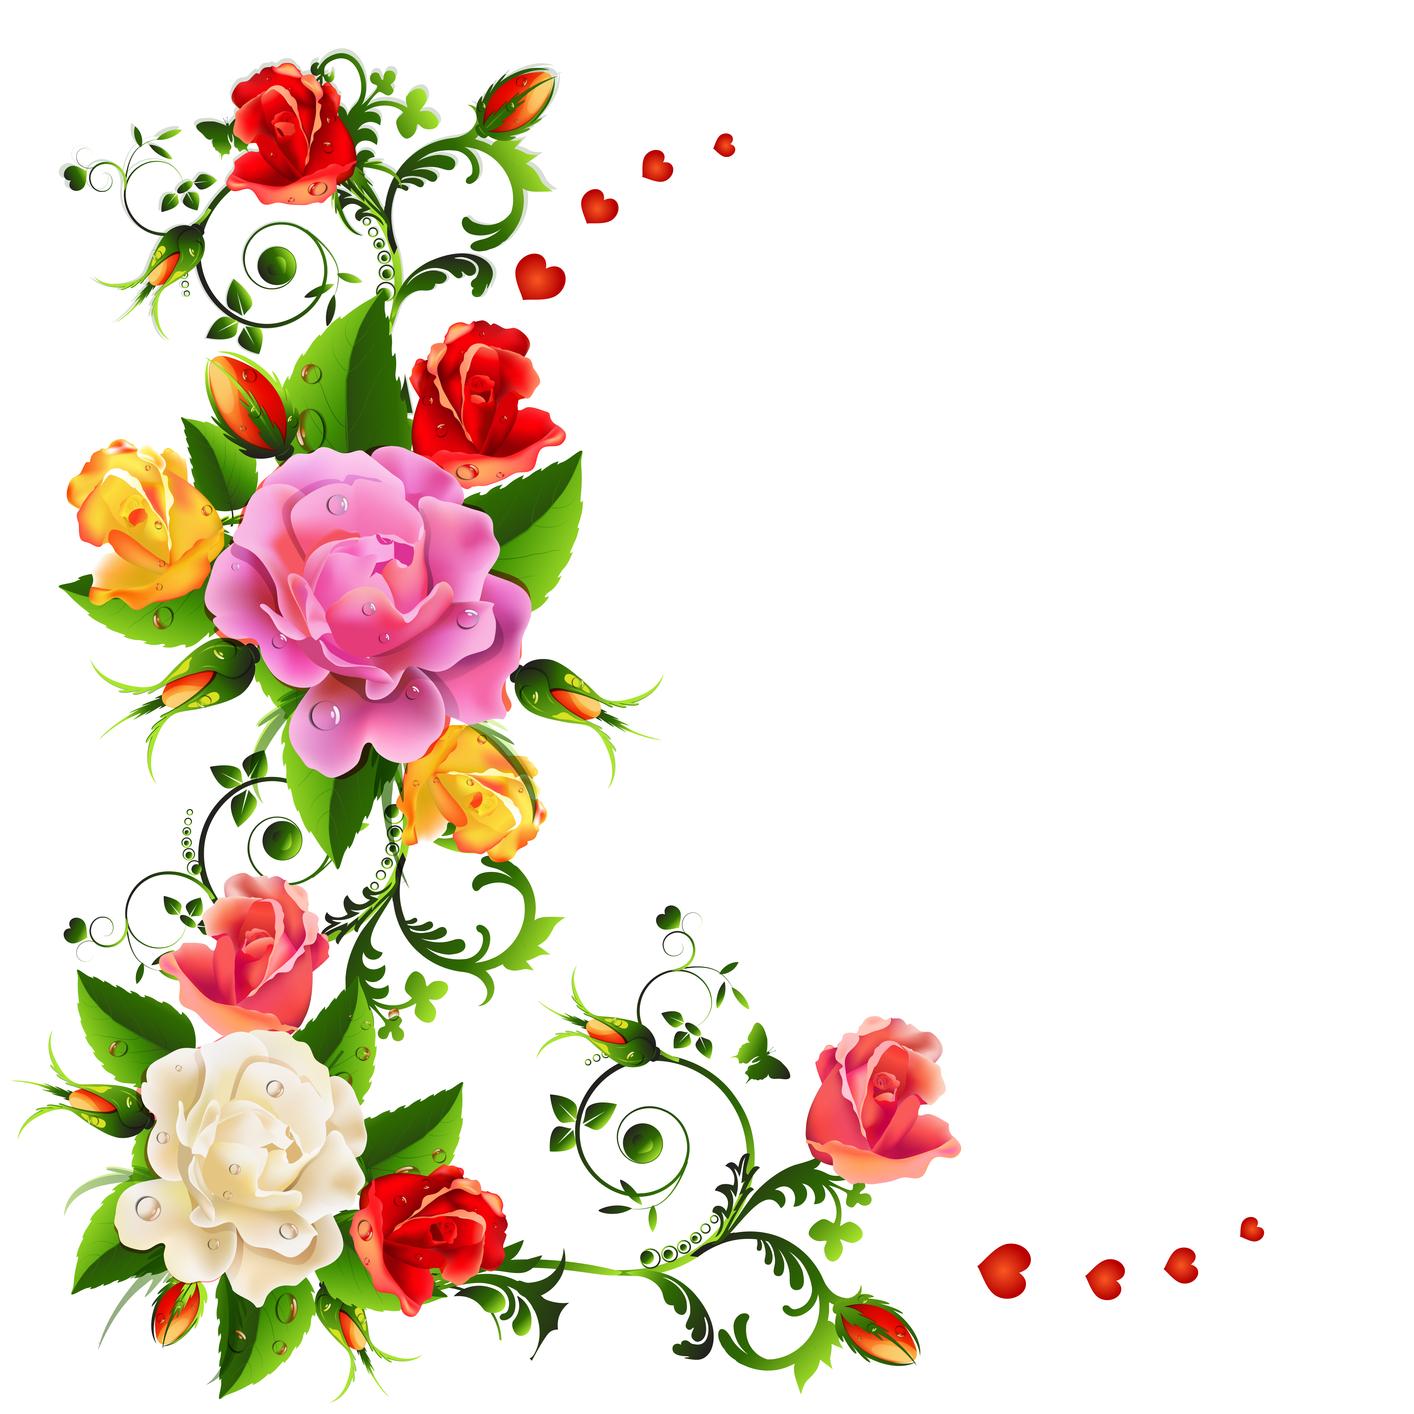 Fotos de Rosas 4. PasarlasCanutas - Rosas De Colores Imagenes